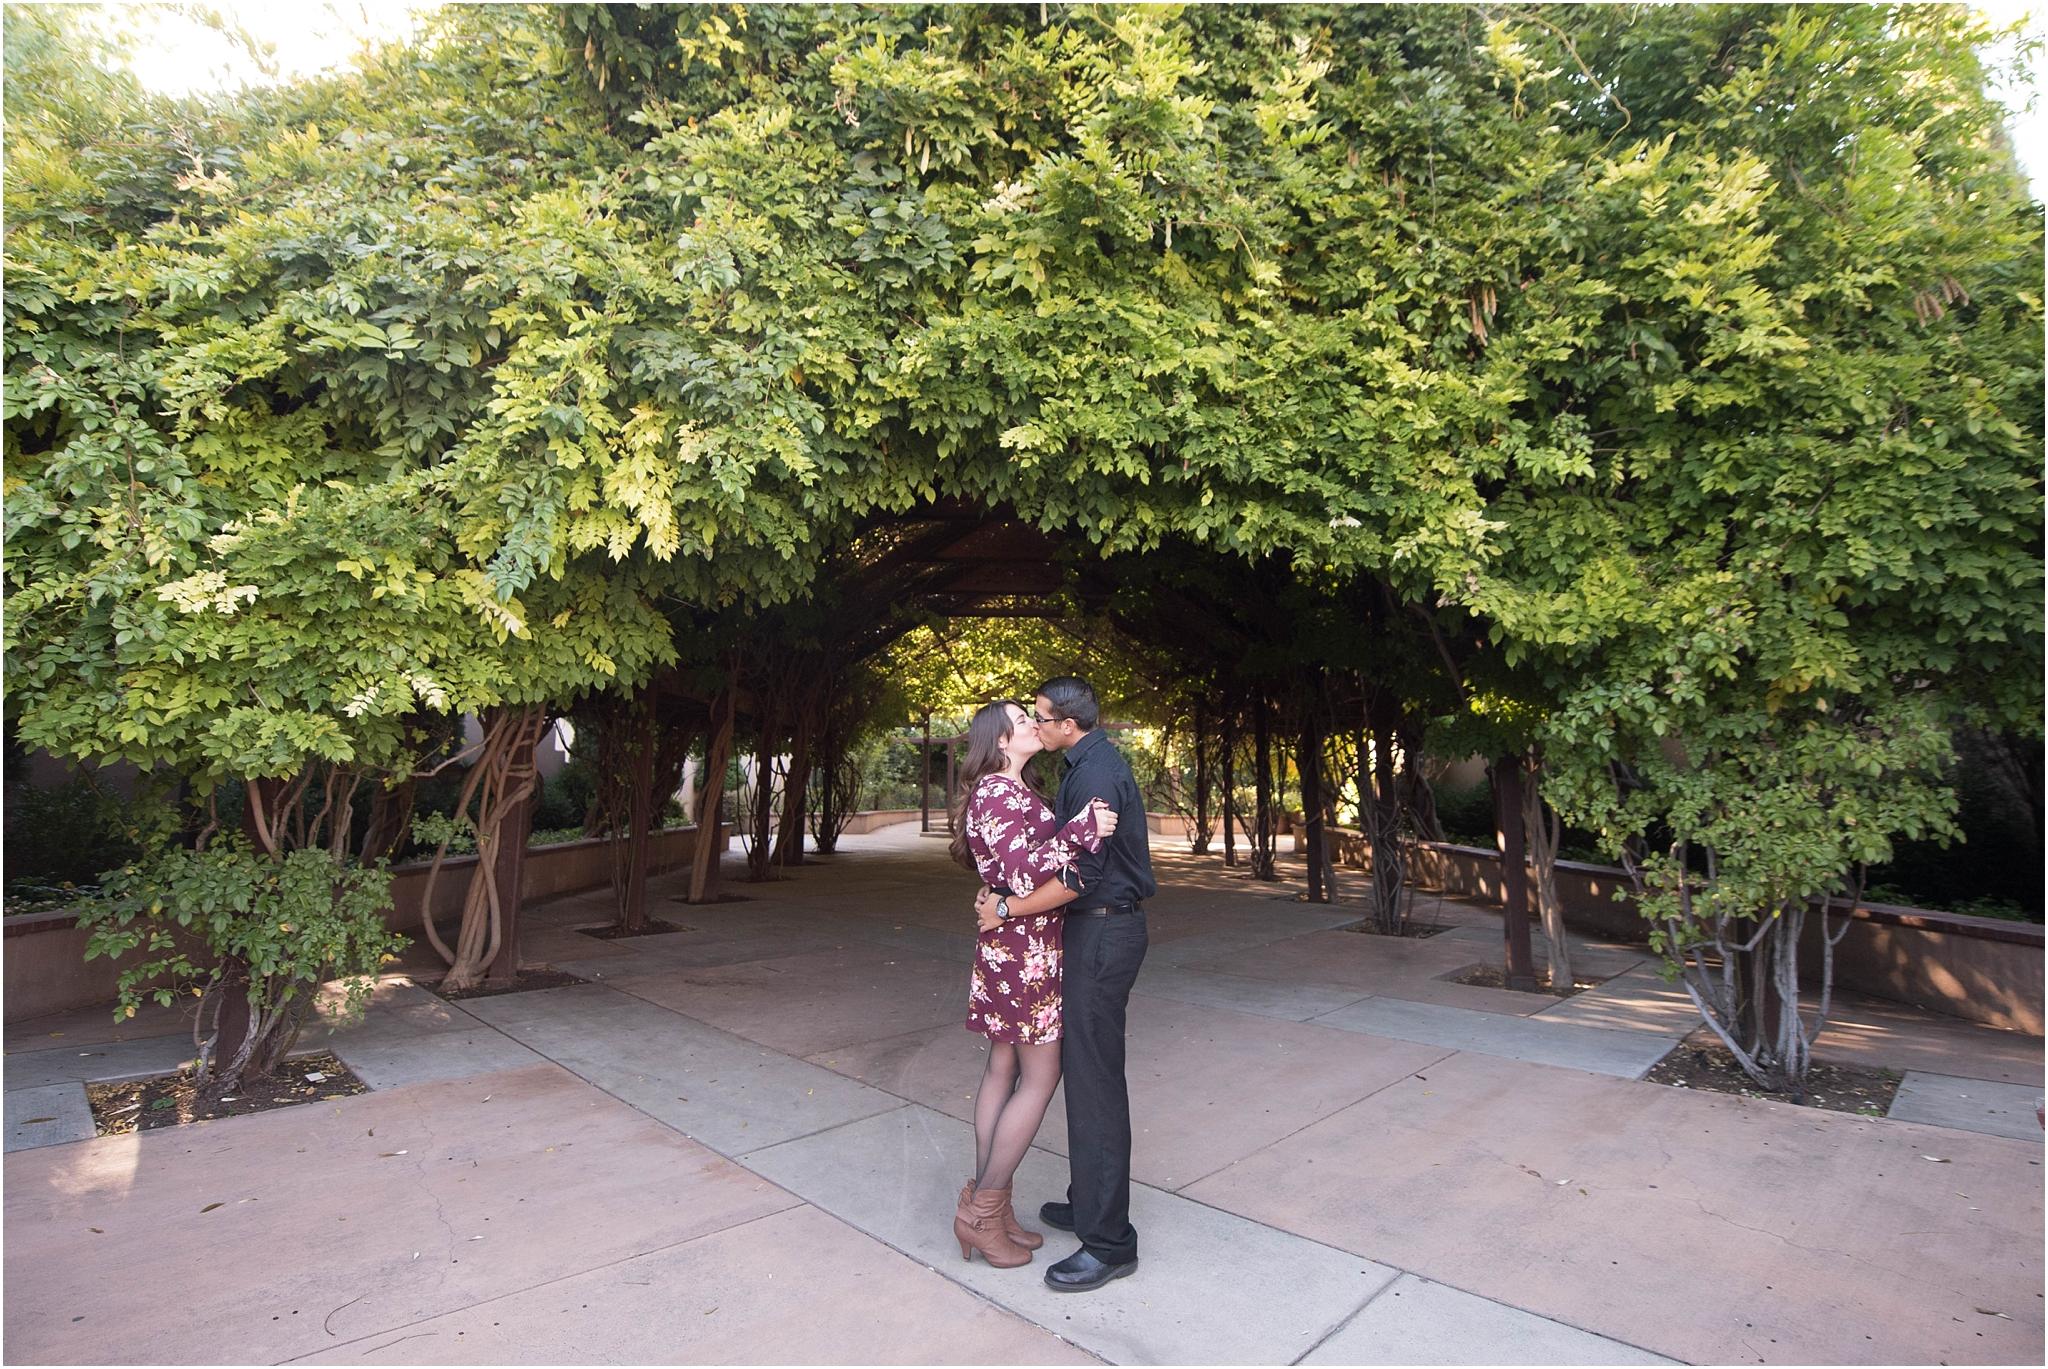 kayla kitts photography - new mexico wedding photographer - albuquerque botanic gardens - hotel albuquerque_0054.jpg